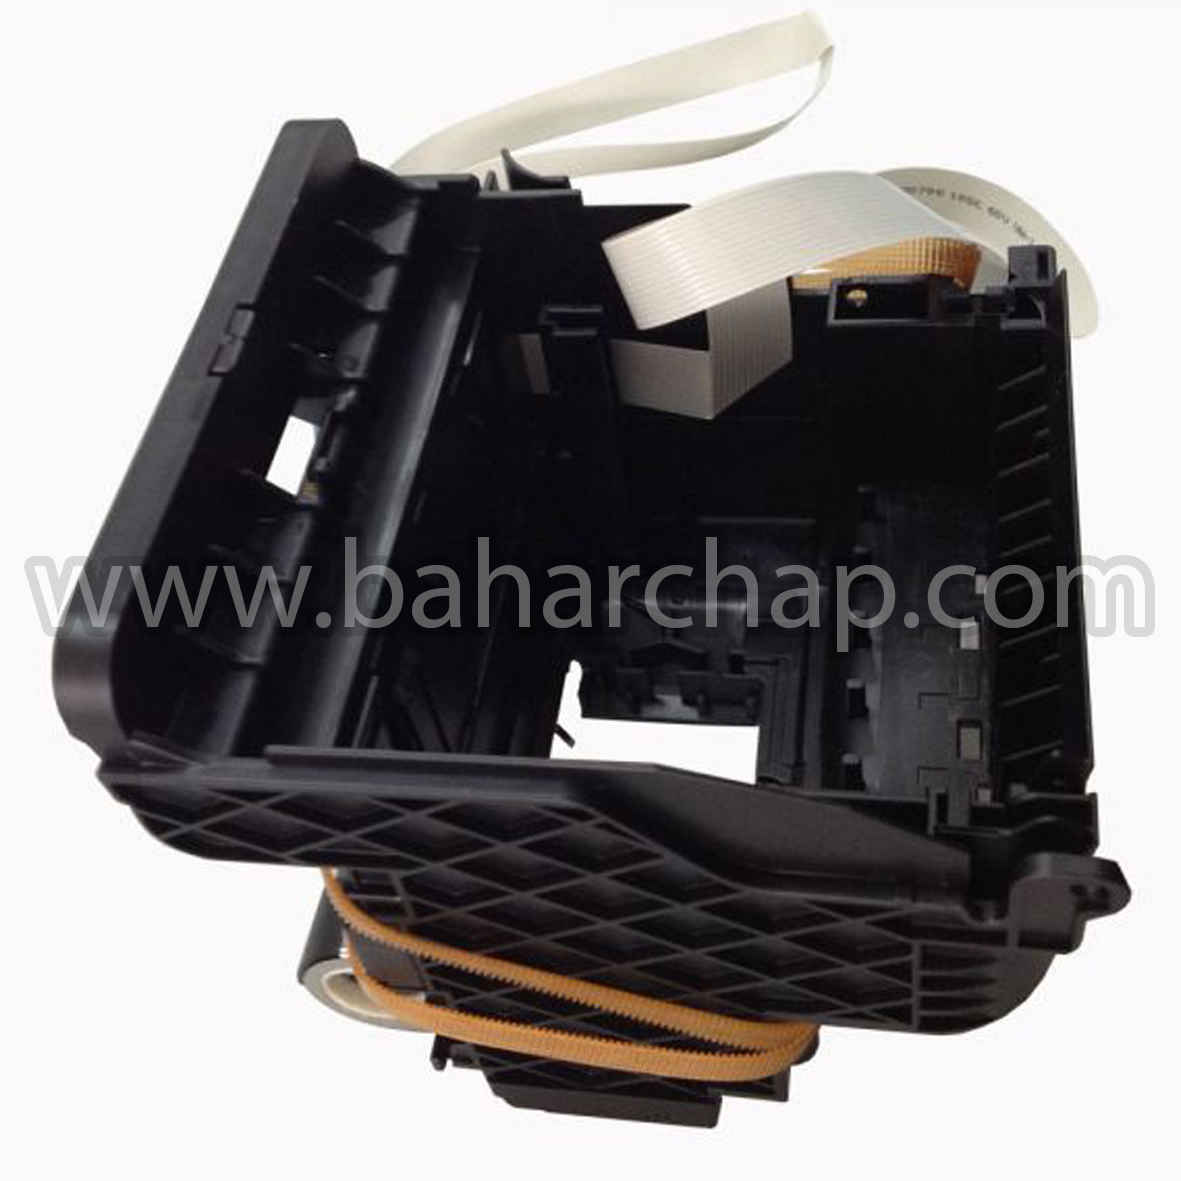 فروشگاه و خدمات اینترنتی بهارچاپ اصفهان-کالسکه حمل کننده هد و کارتریج اپسون 1410 1430 1500-Epson 1410 1430 1500 carriage